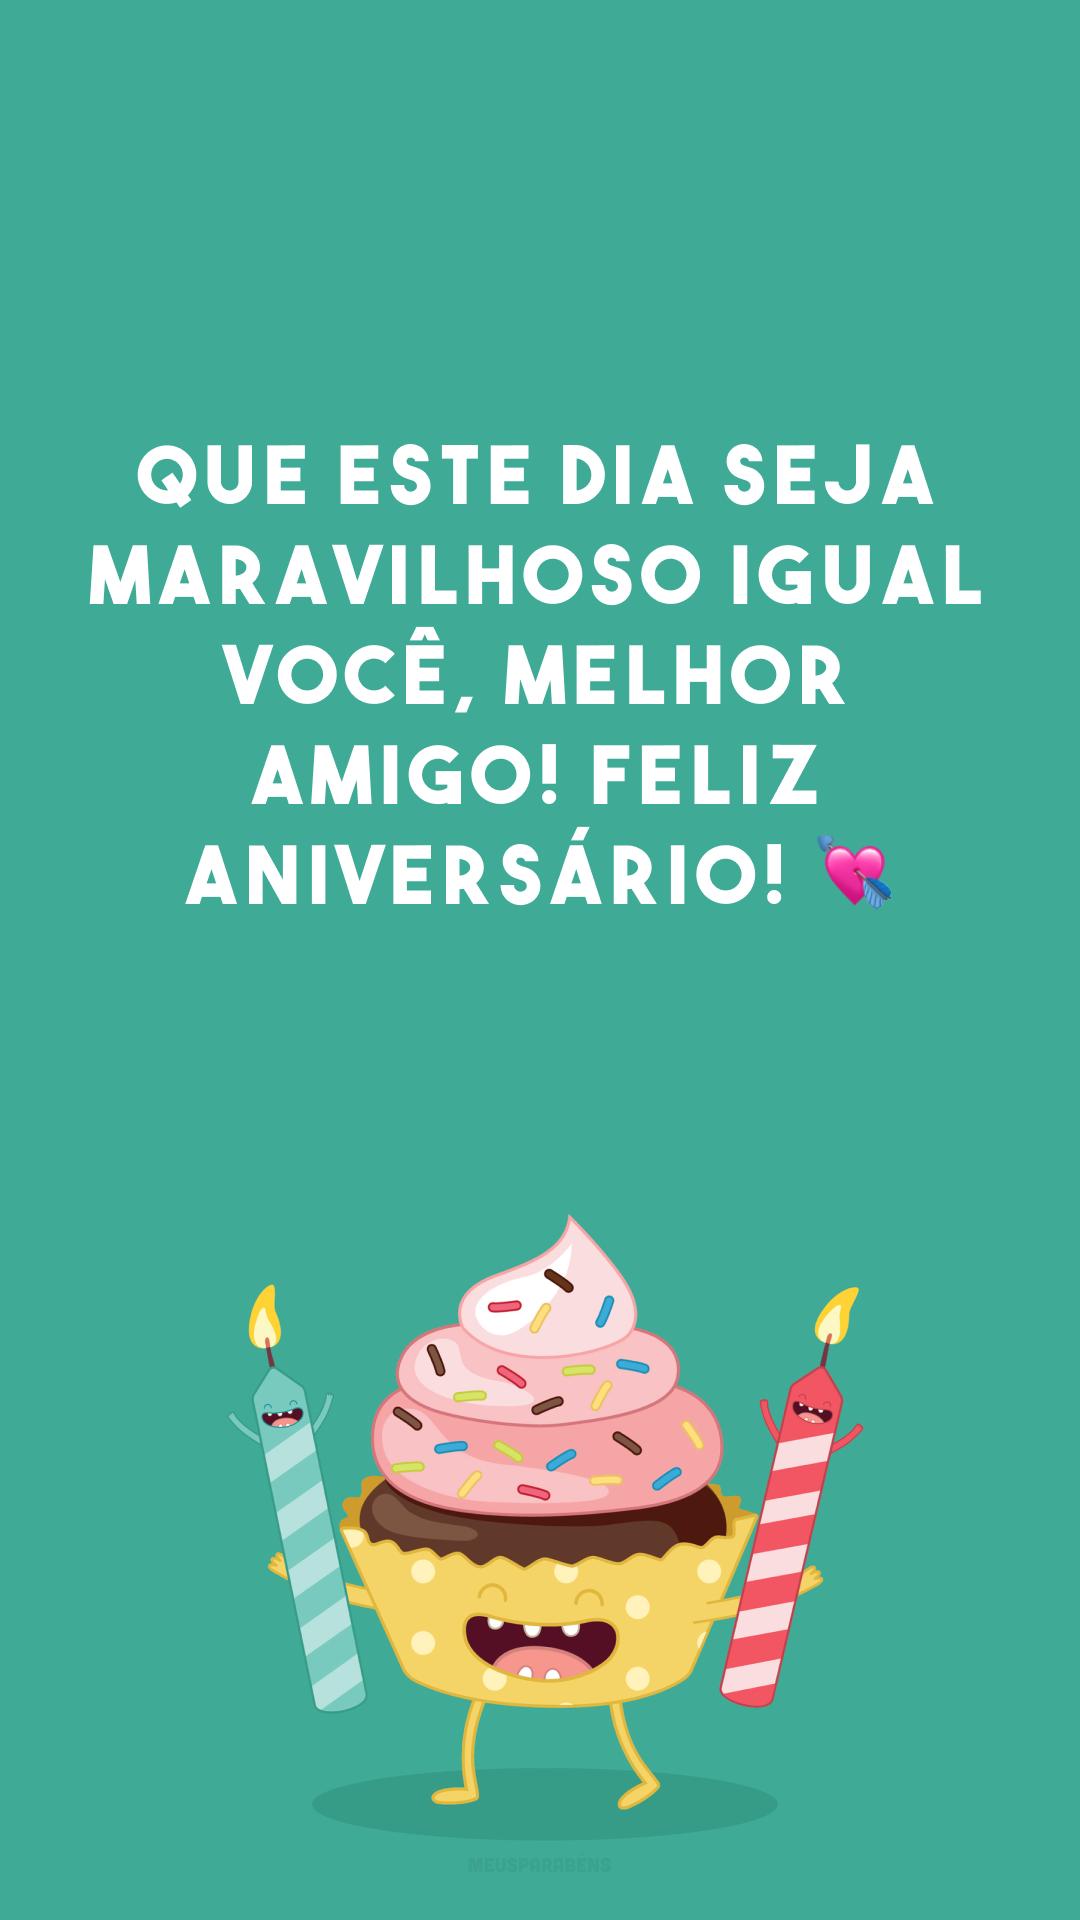 Que este dia seja maravilhoso igual você, melhor amigo! Feliz aniversário! 💘